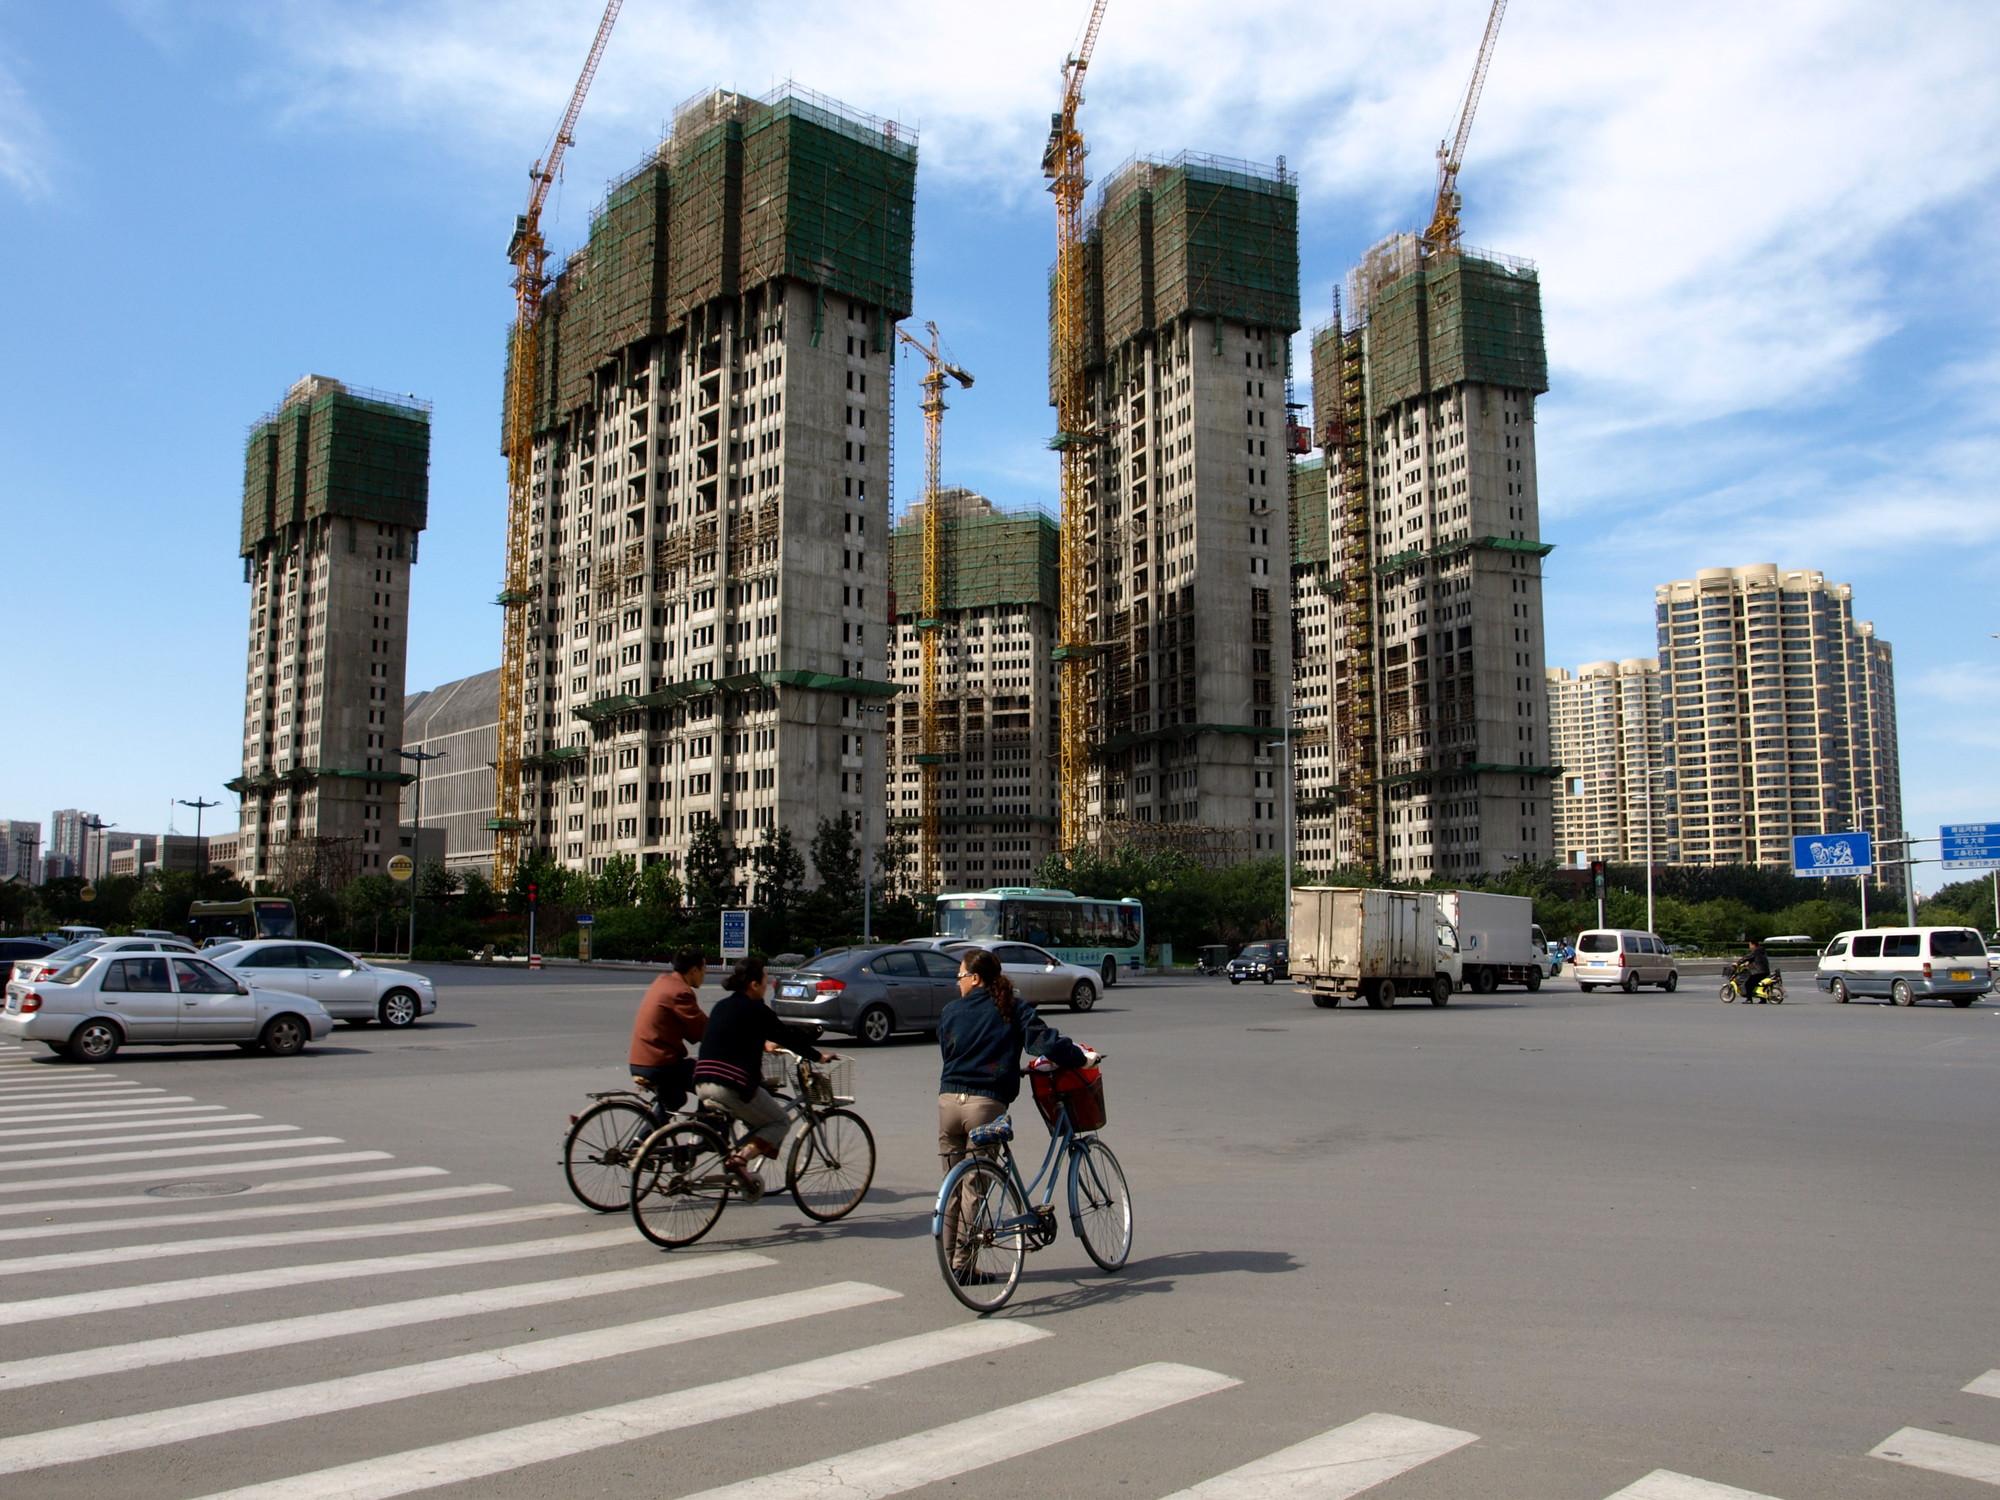 China construirá 7 millones de viviendas sociales durante 2015, Desarrollo inmobiliario en Tianjin, China. Image © Hugi Ólafsson [Flickr CC]